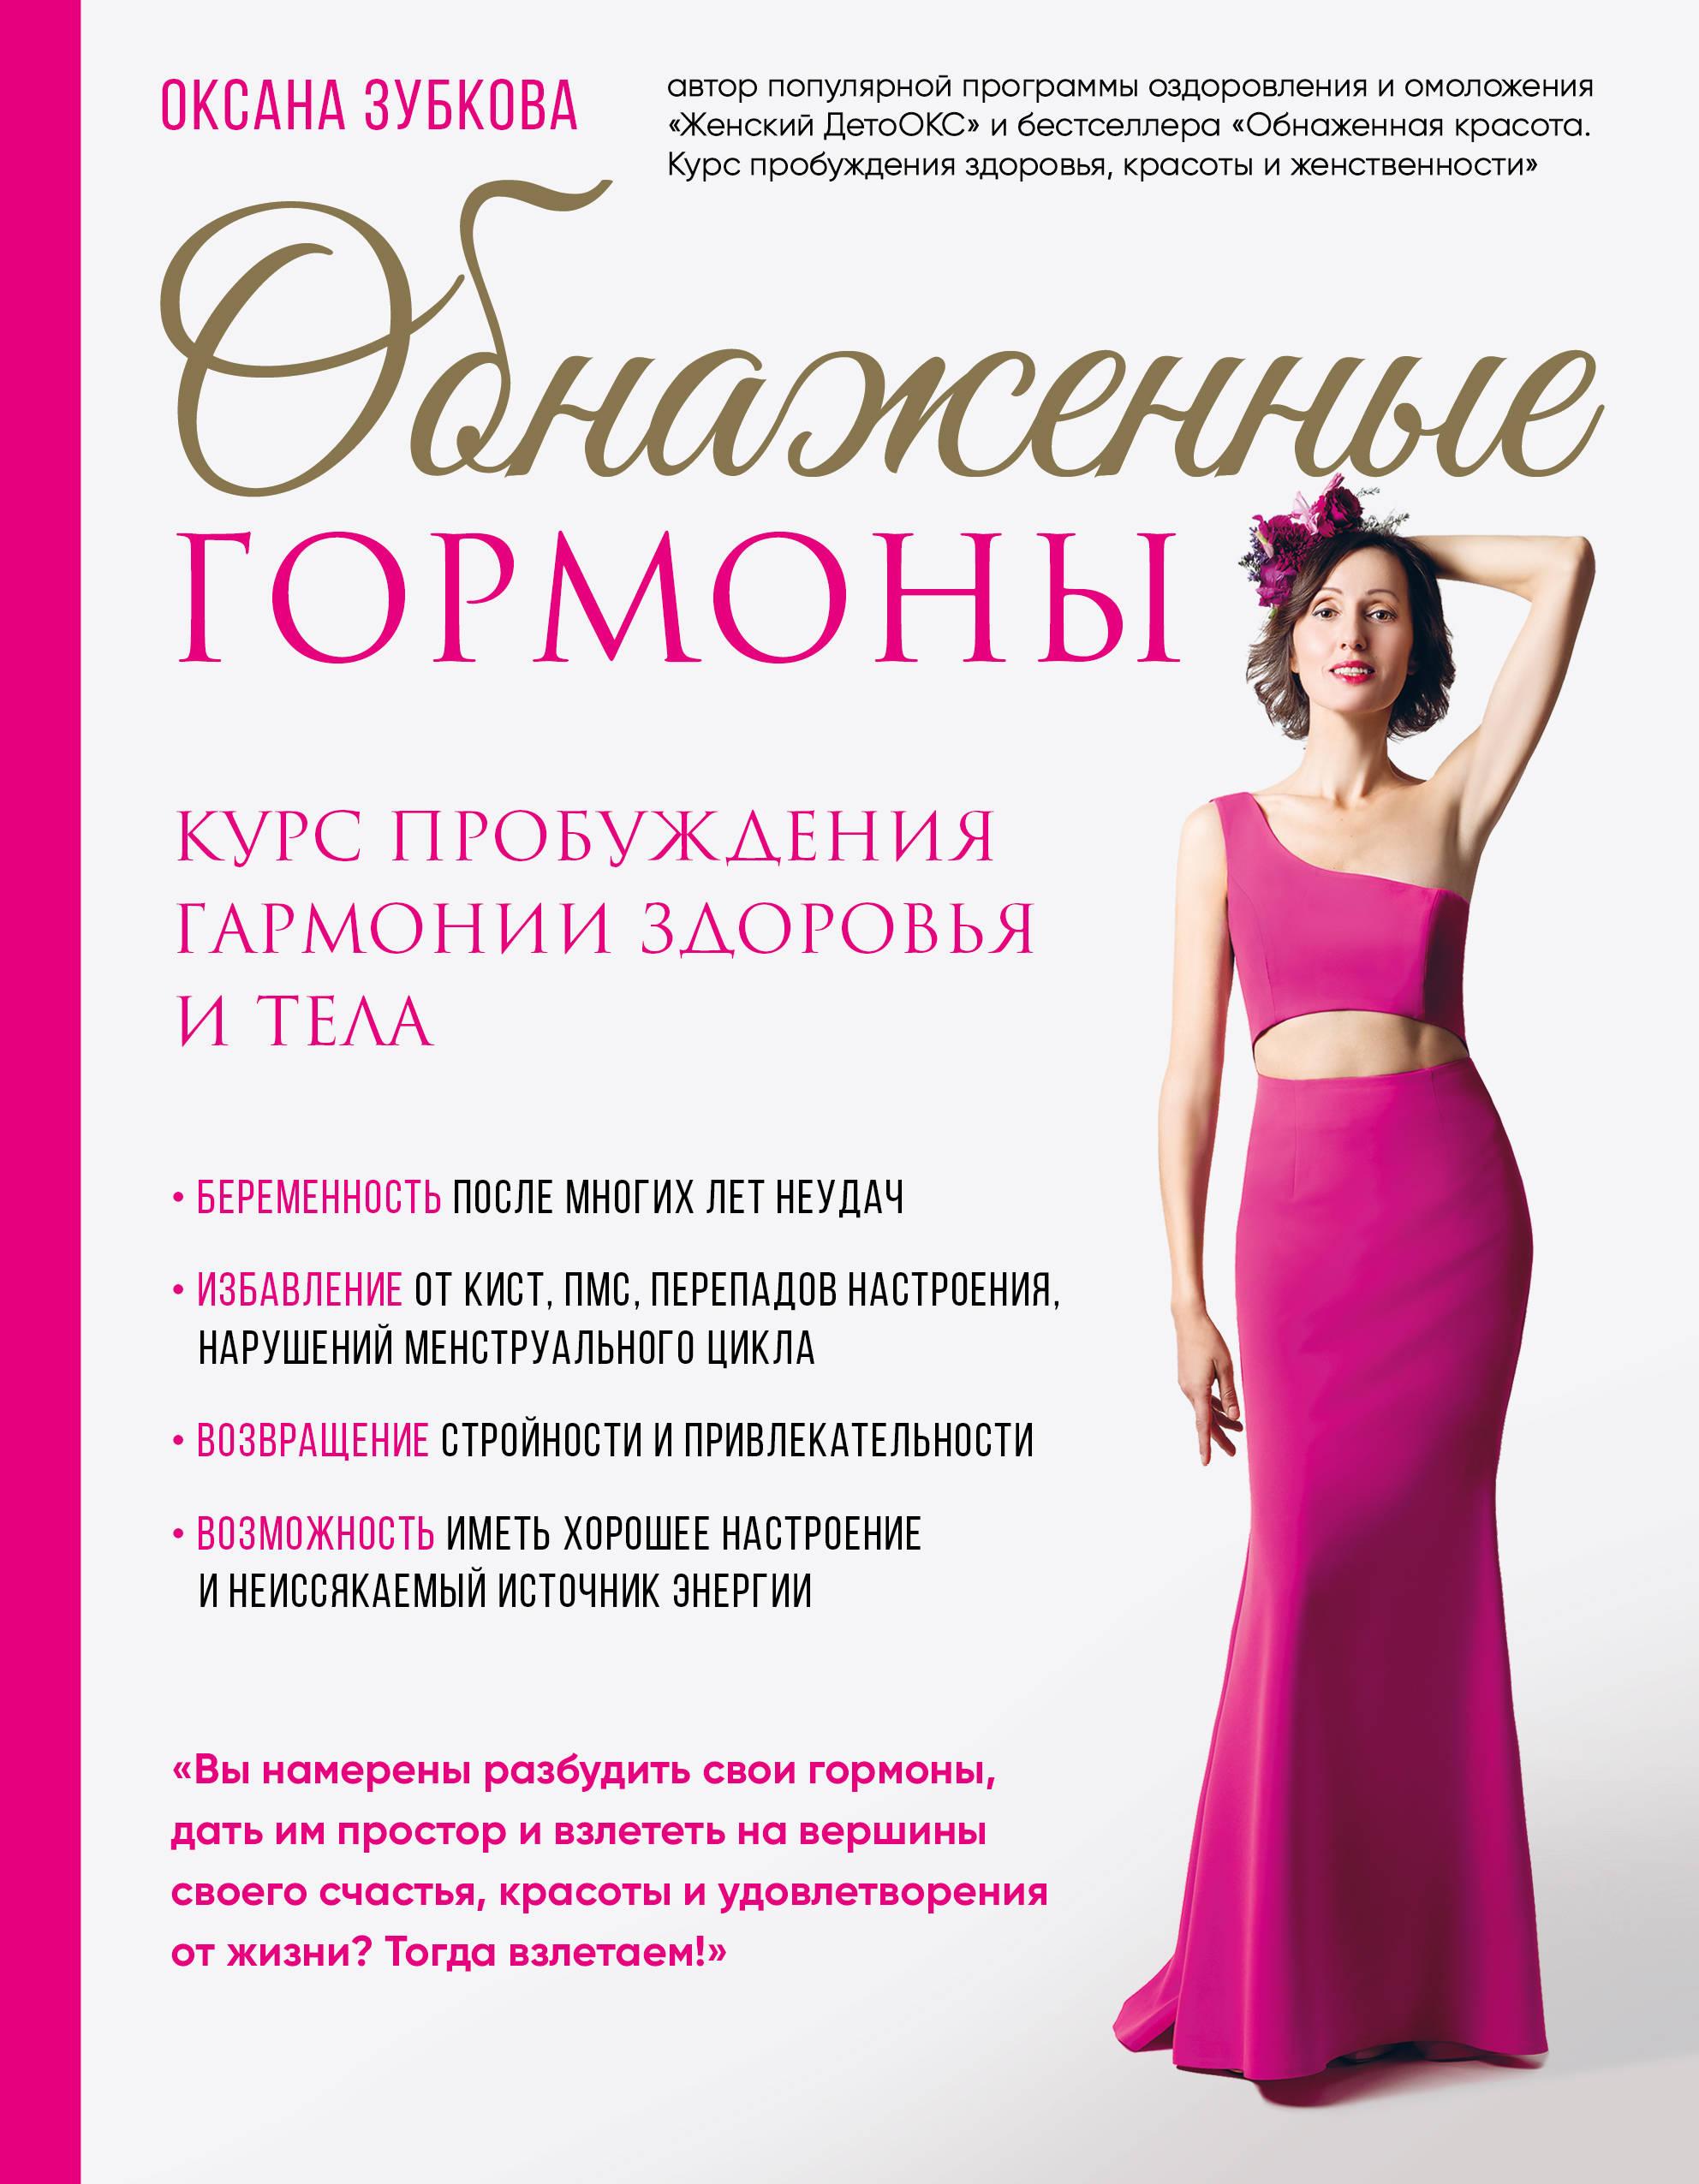 Зубкова Оксана Анатольевна Обнаженные гормоны. Курс пробуждения гармонии здоровья и тела